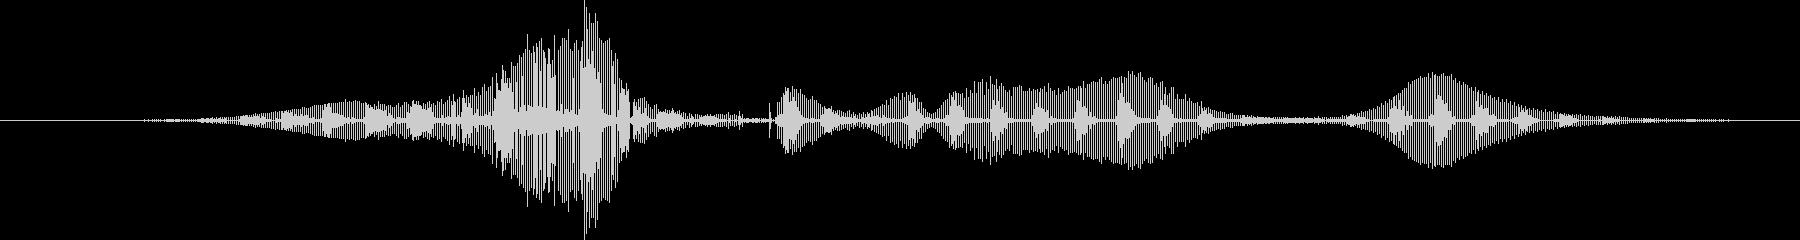 ネオンサイン:重い電気ブザー、電気...の未再生の波形